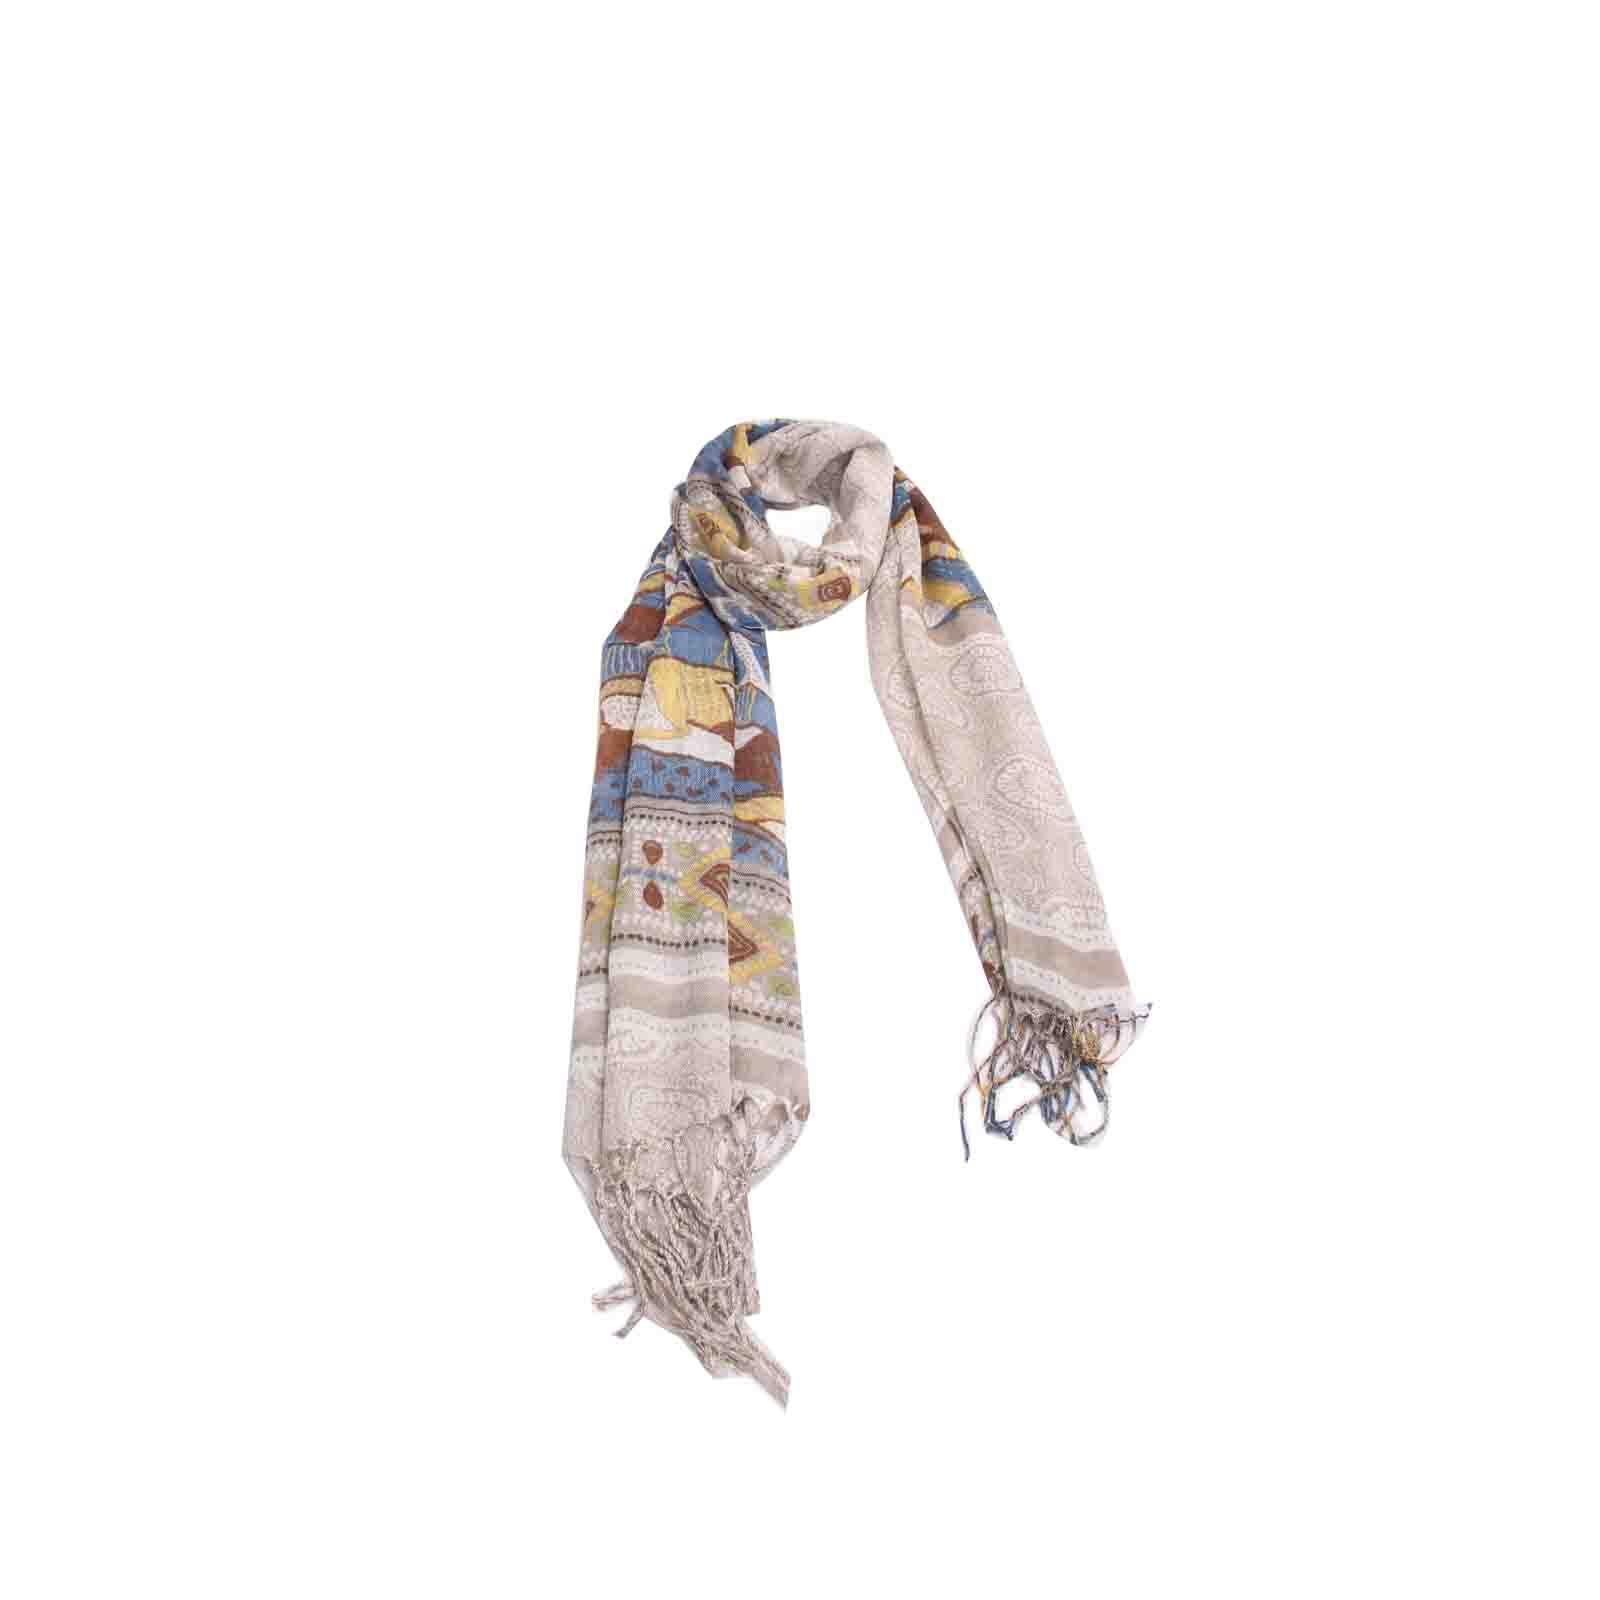 Echarpe Geométrica Bege e Azul de Viscose #echarpe #echarpes #lenços #lenço #scarf #scarfs